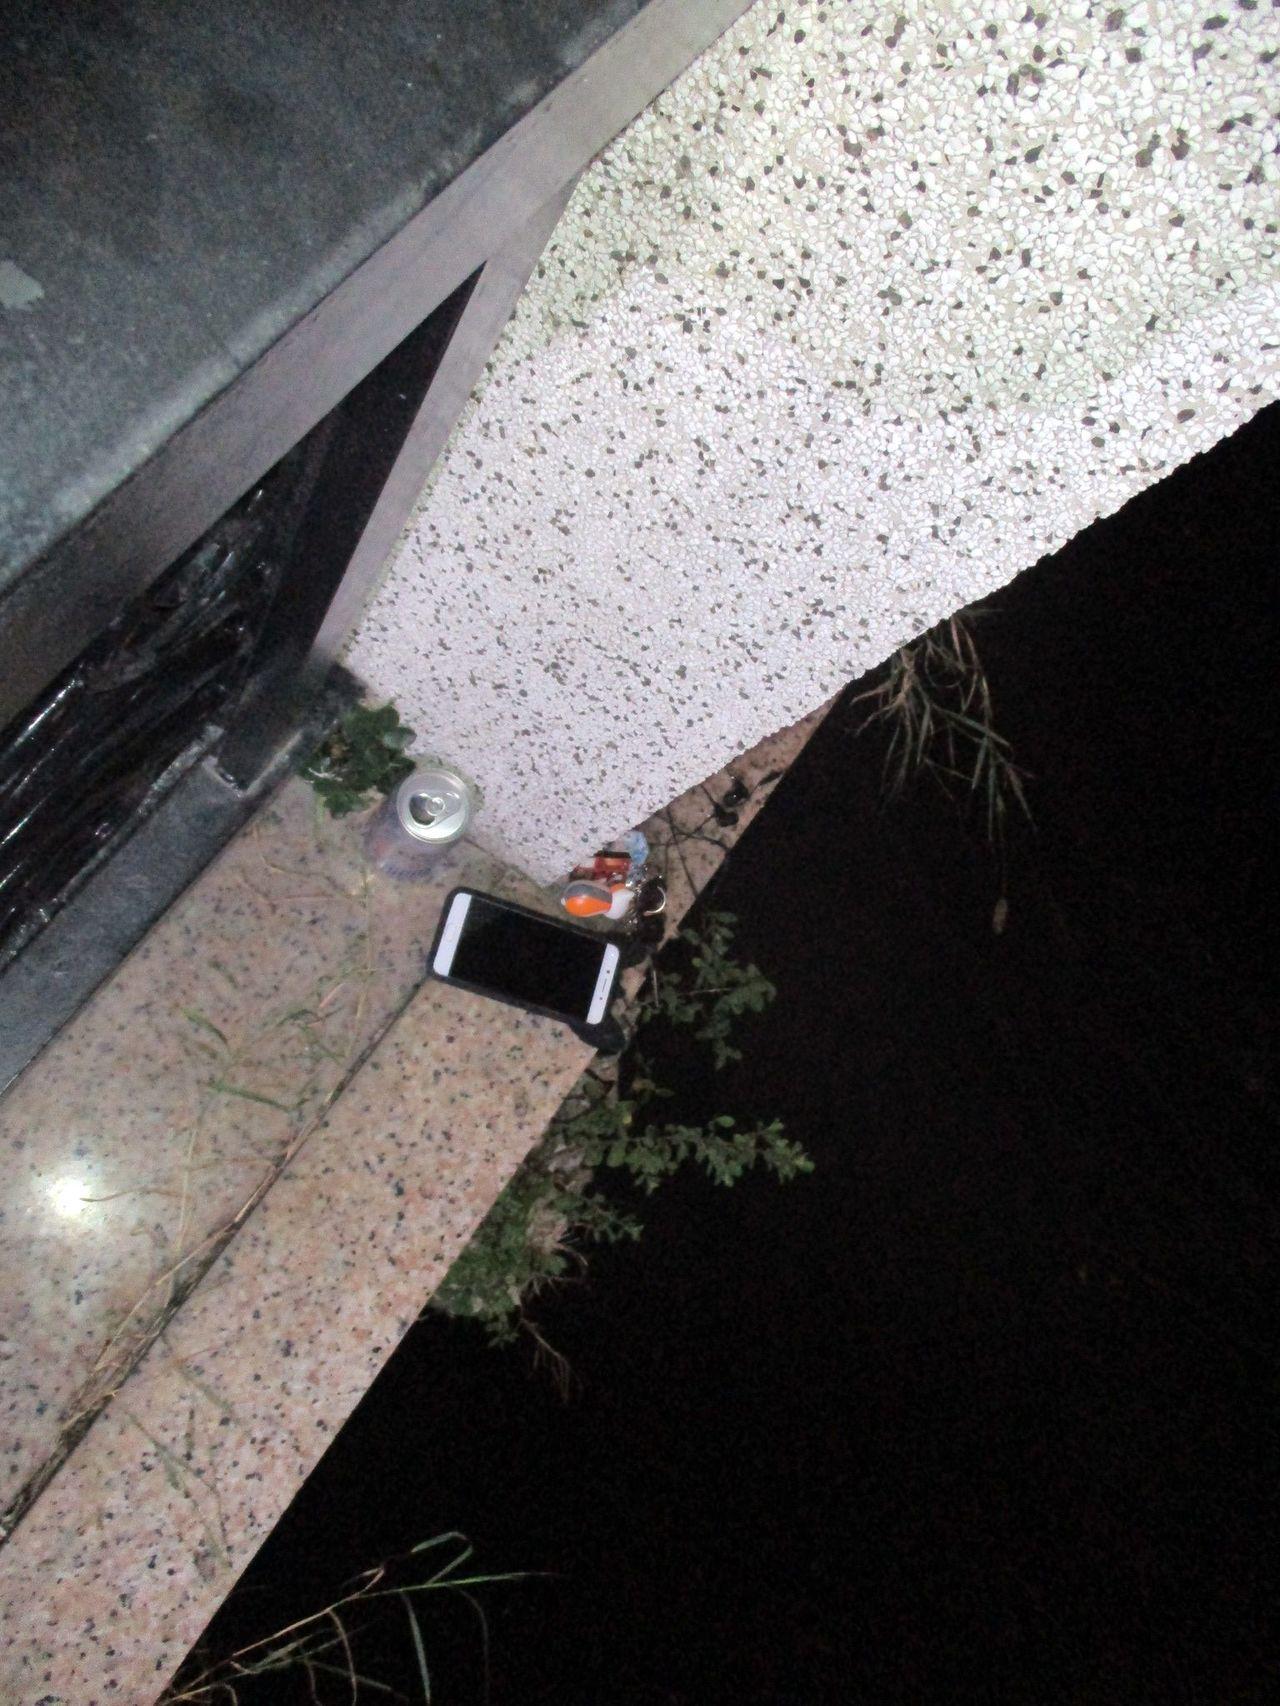 洪姓女子喝了啤酒後將手機與車鑰匙留在運河橋上欄桿邊。記者周宗禎/翻攝